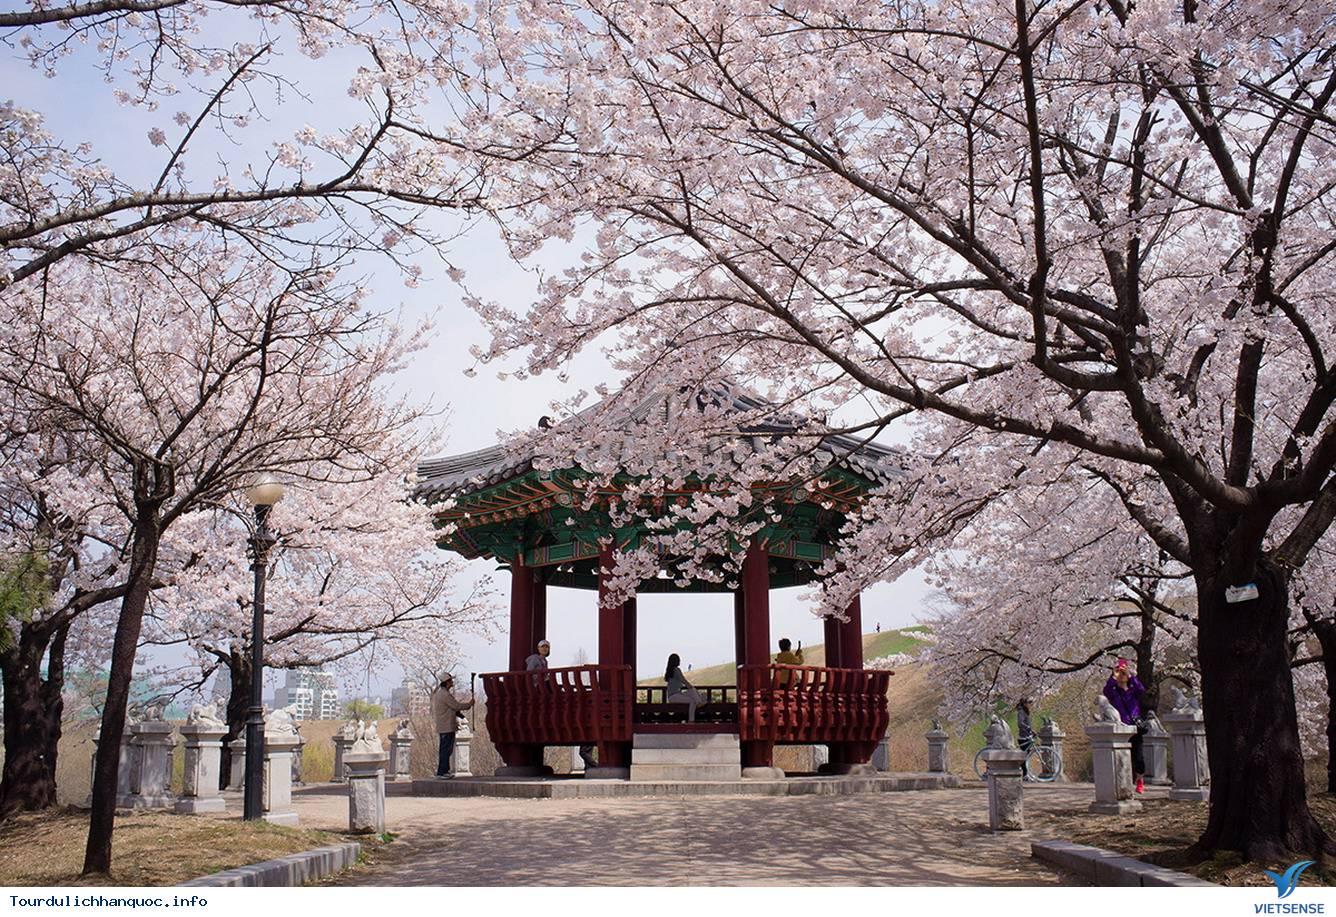 Tour du lịch Hàn Quốc 6 ngày ngắm Hoa Anh Đào ngày 05/04/2016